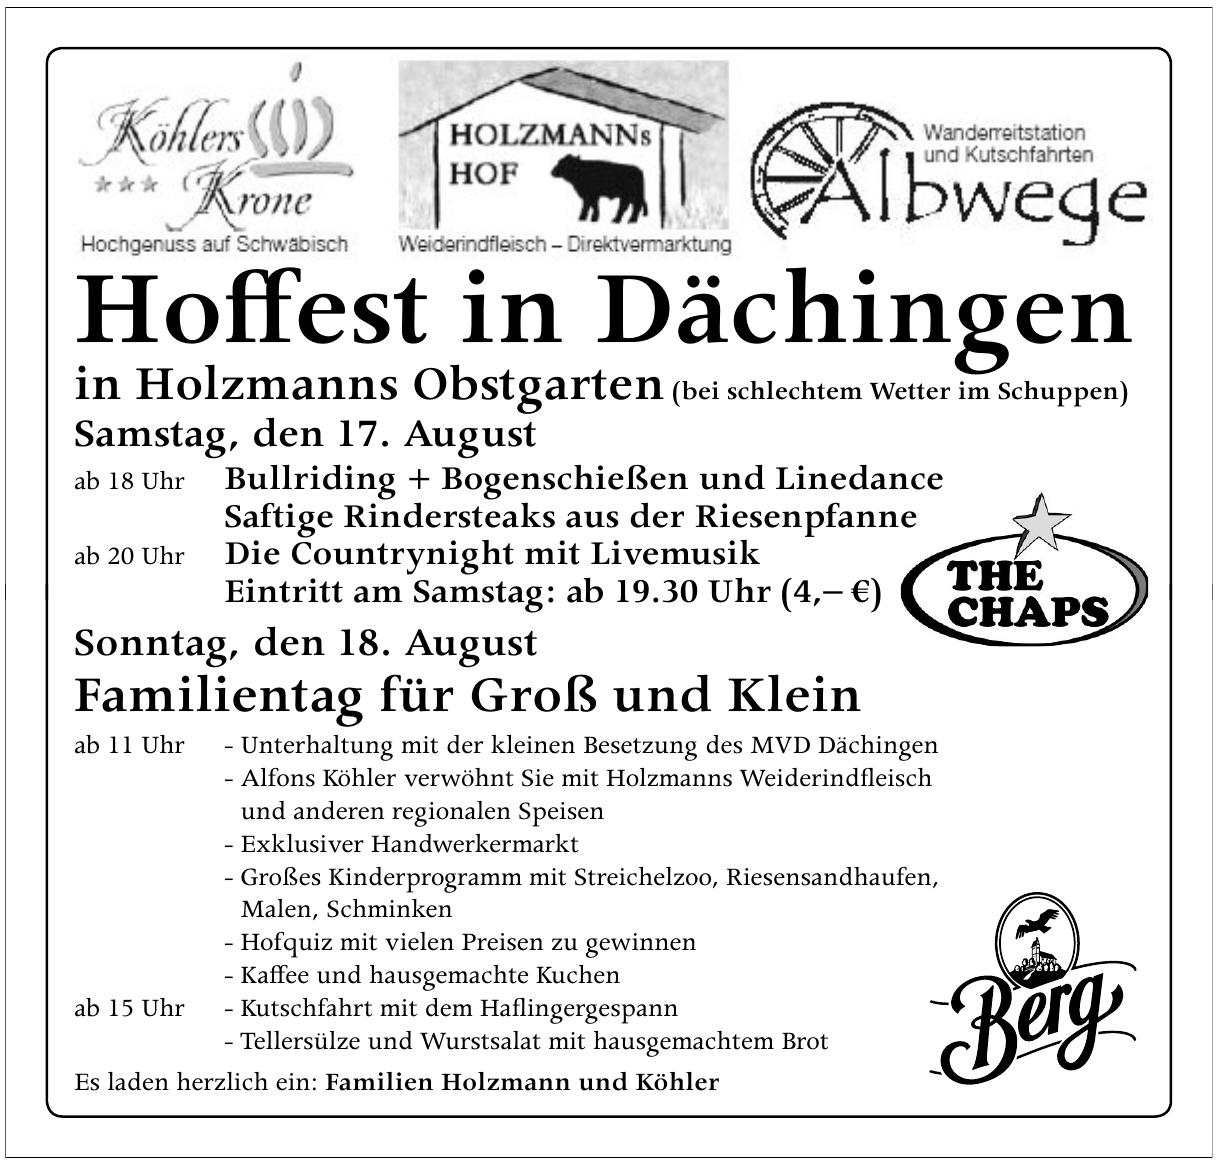 Hoffest in Dächingen